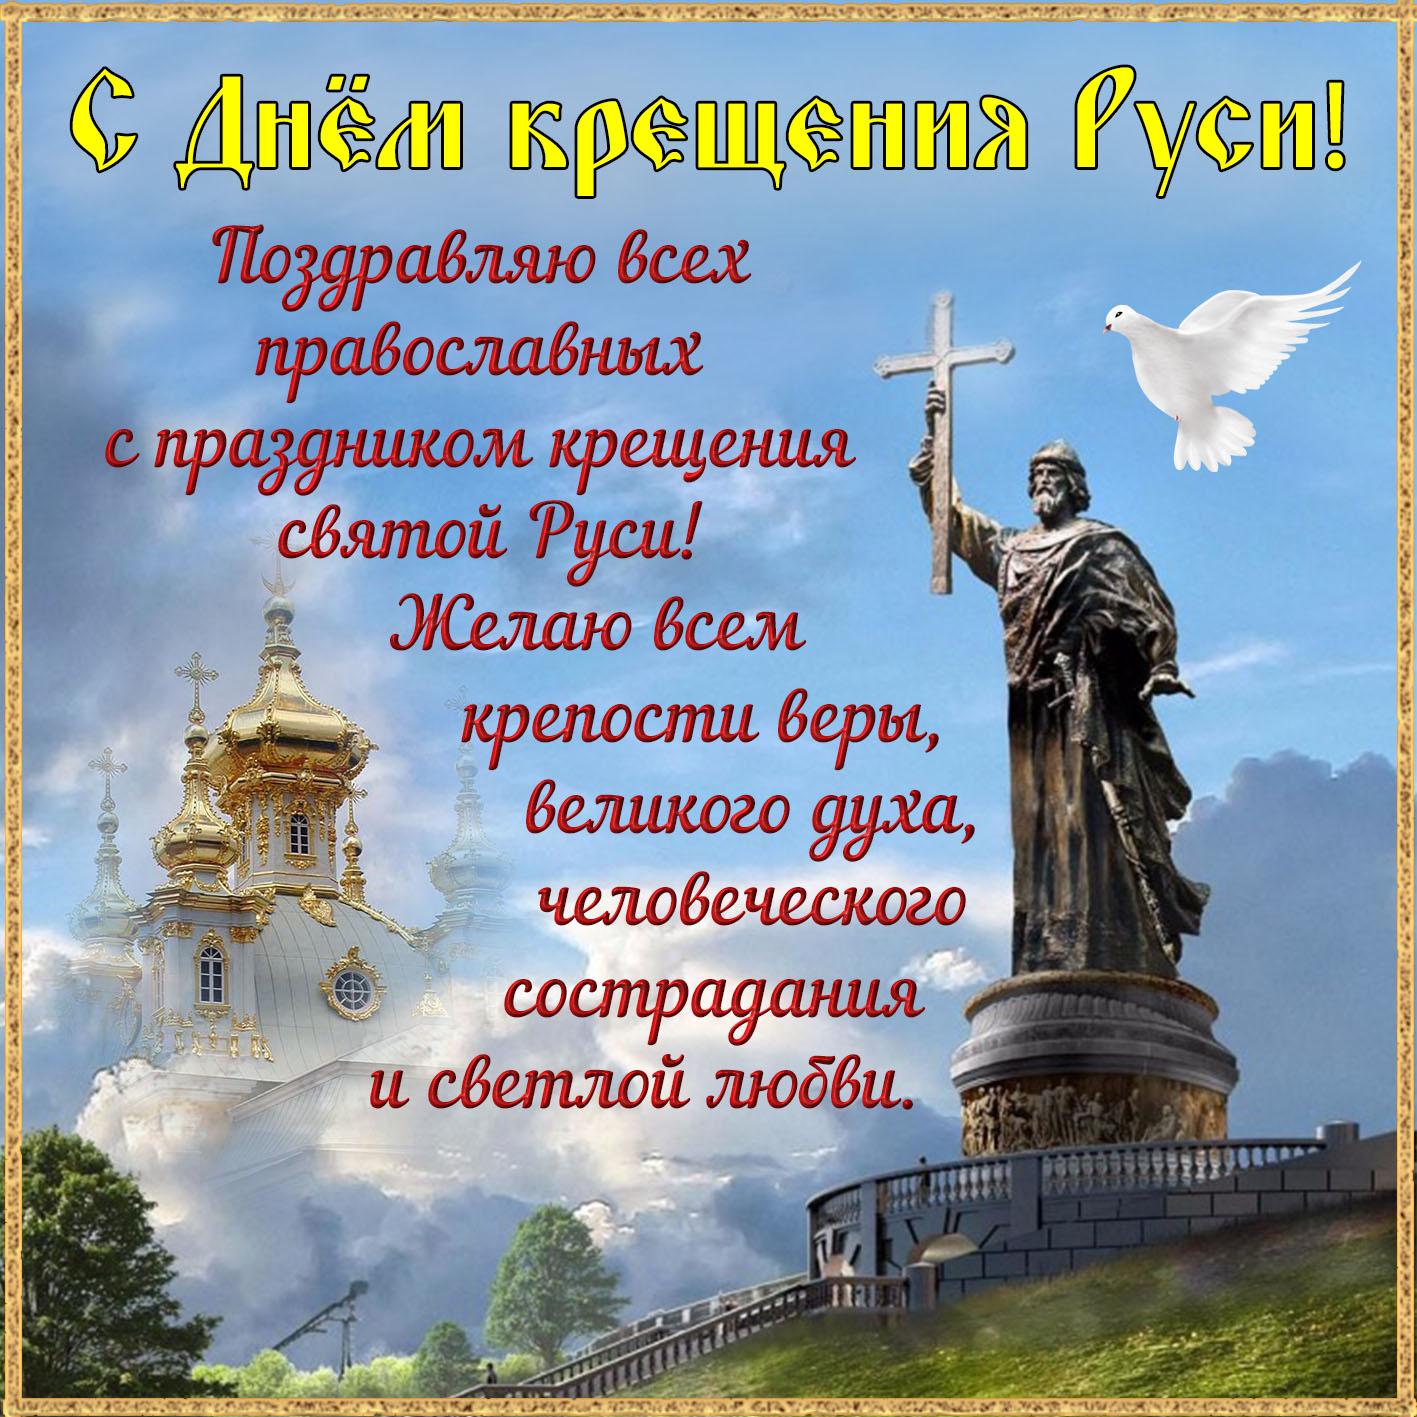 Открытка день крещения руси 2019, открытки новому